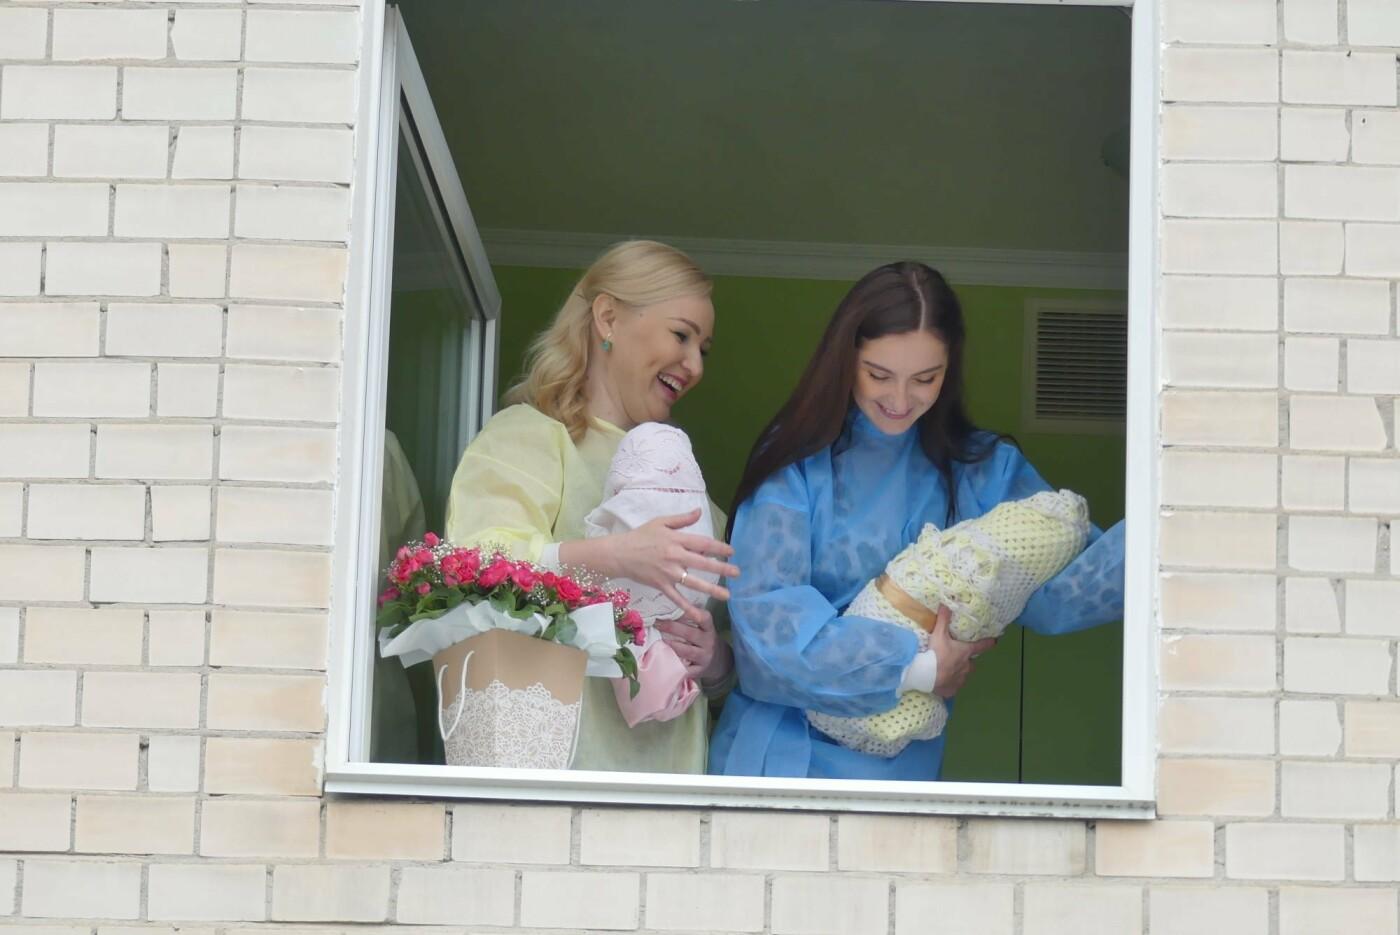 З вікон перинатального центру заспівали оперу, Фото: пресслужба Кам'янець-Подільської міської ради